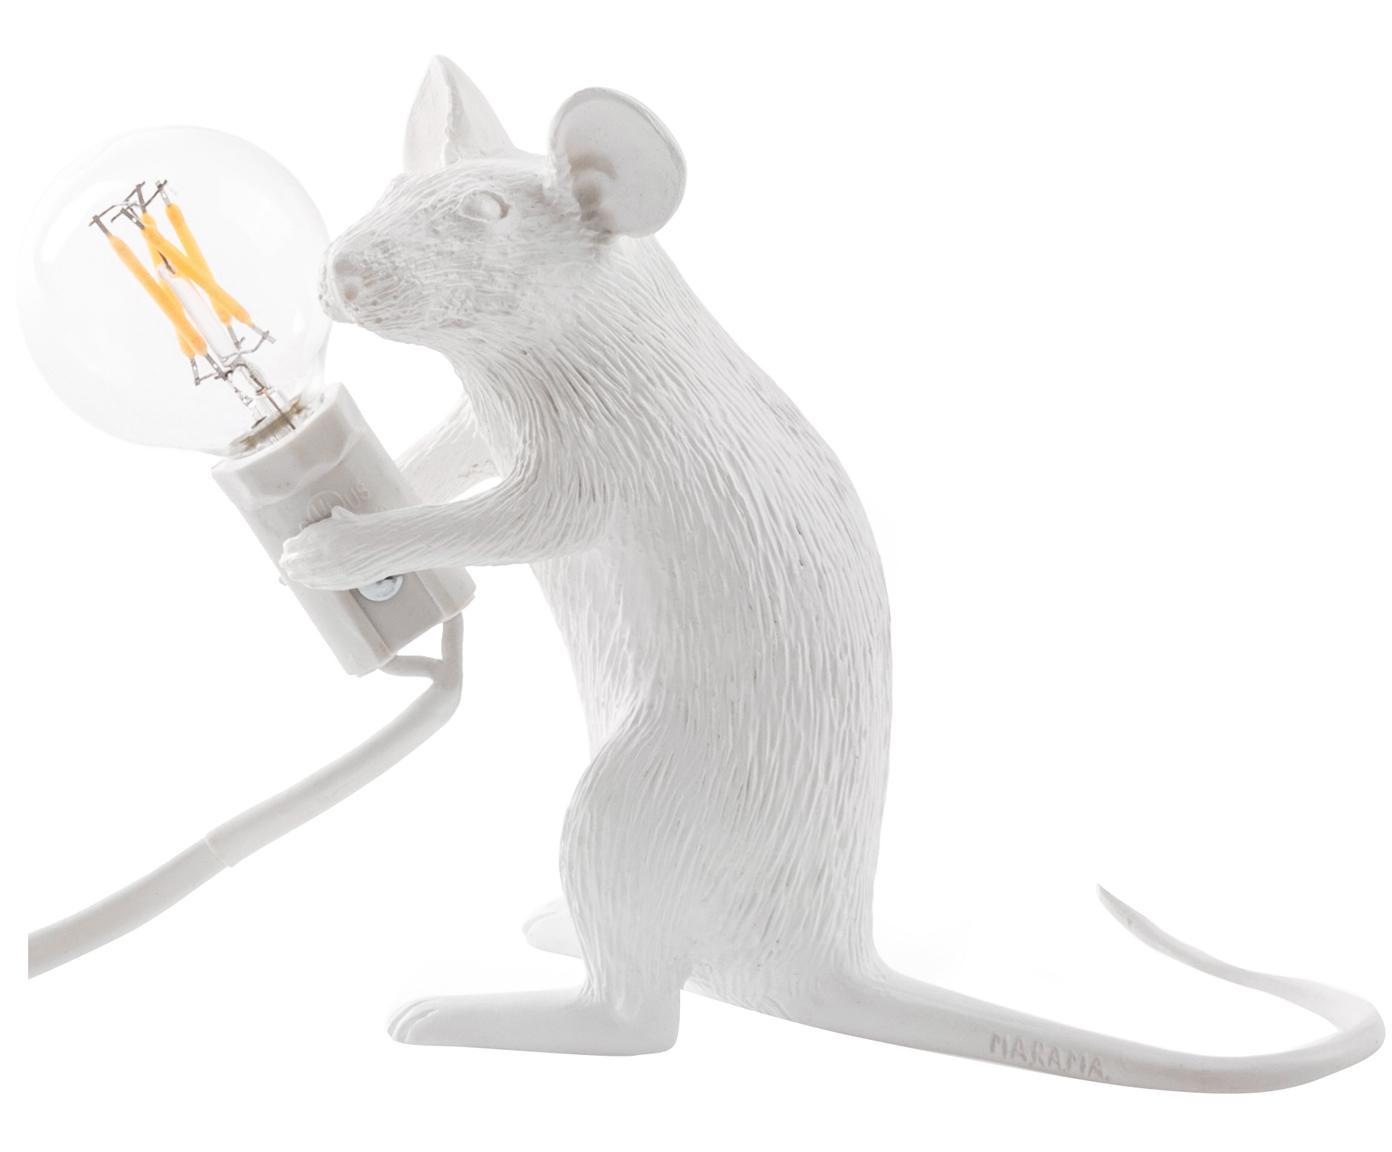 Lampa stołowa LED Mouse, Żywica syntetyczna, Biały, S 5 x W 13 cm